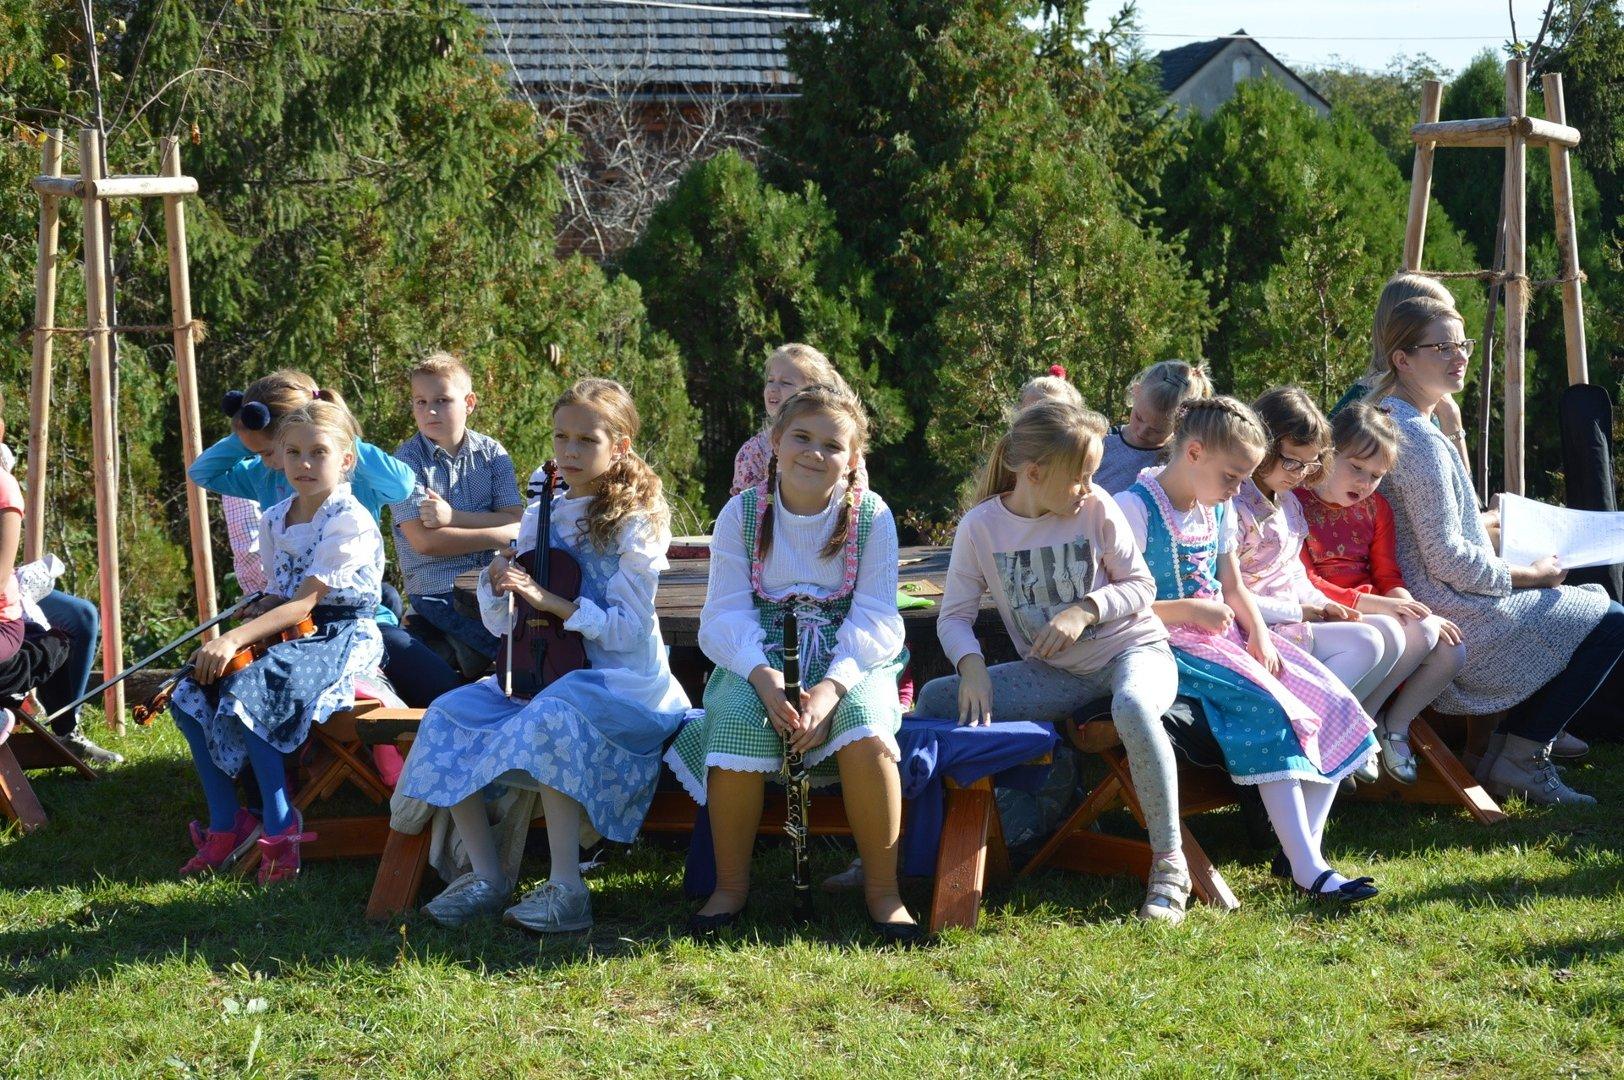 Dziesitki kobiet o normalnej budowie w Tarnowie na randk